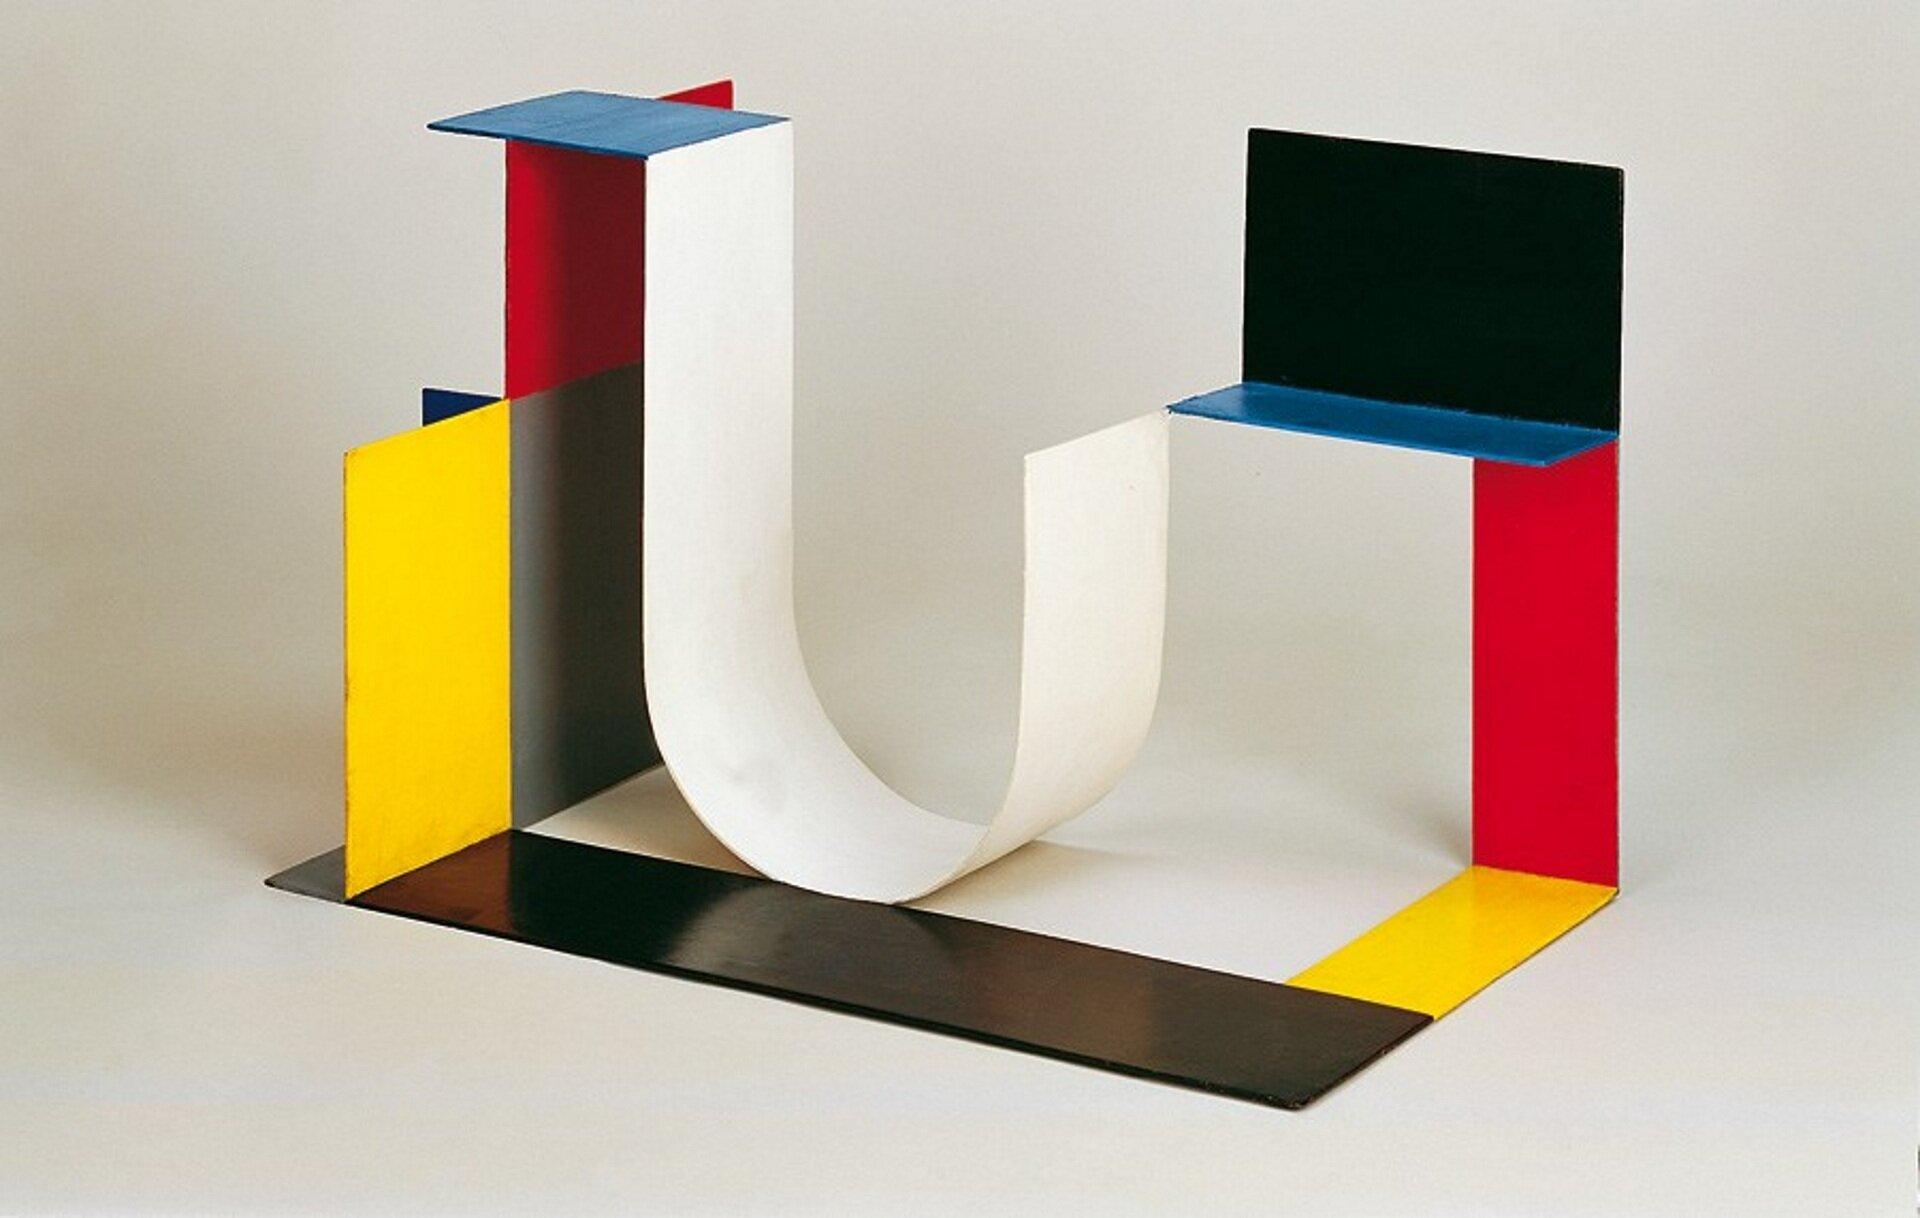 """Ilustracja przedstawia abstrakcyjną rzeźbę zmetalu autorstwa Katarzyny Kobro pt. """"Kompozycja przestrzenna 4"""". Kompozycja składa się zprostokątnych fragmentów wróżnych kolorach ioróżnej wielkości połączonych między sobą jedną krawędzią. Prostokąty są wkolorach żółtym, czarnym, czerwonym iniebieskim. Wcentralnej części jest jeden fragment który został wygięty wkształcie odwróconej litery j. Jest wkolorze białym."""